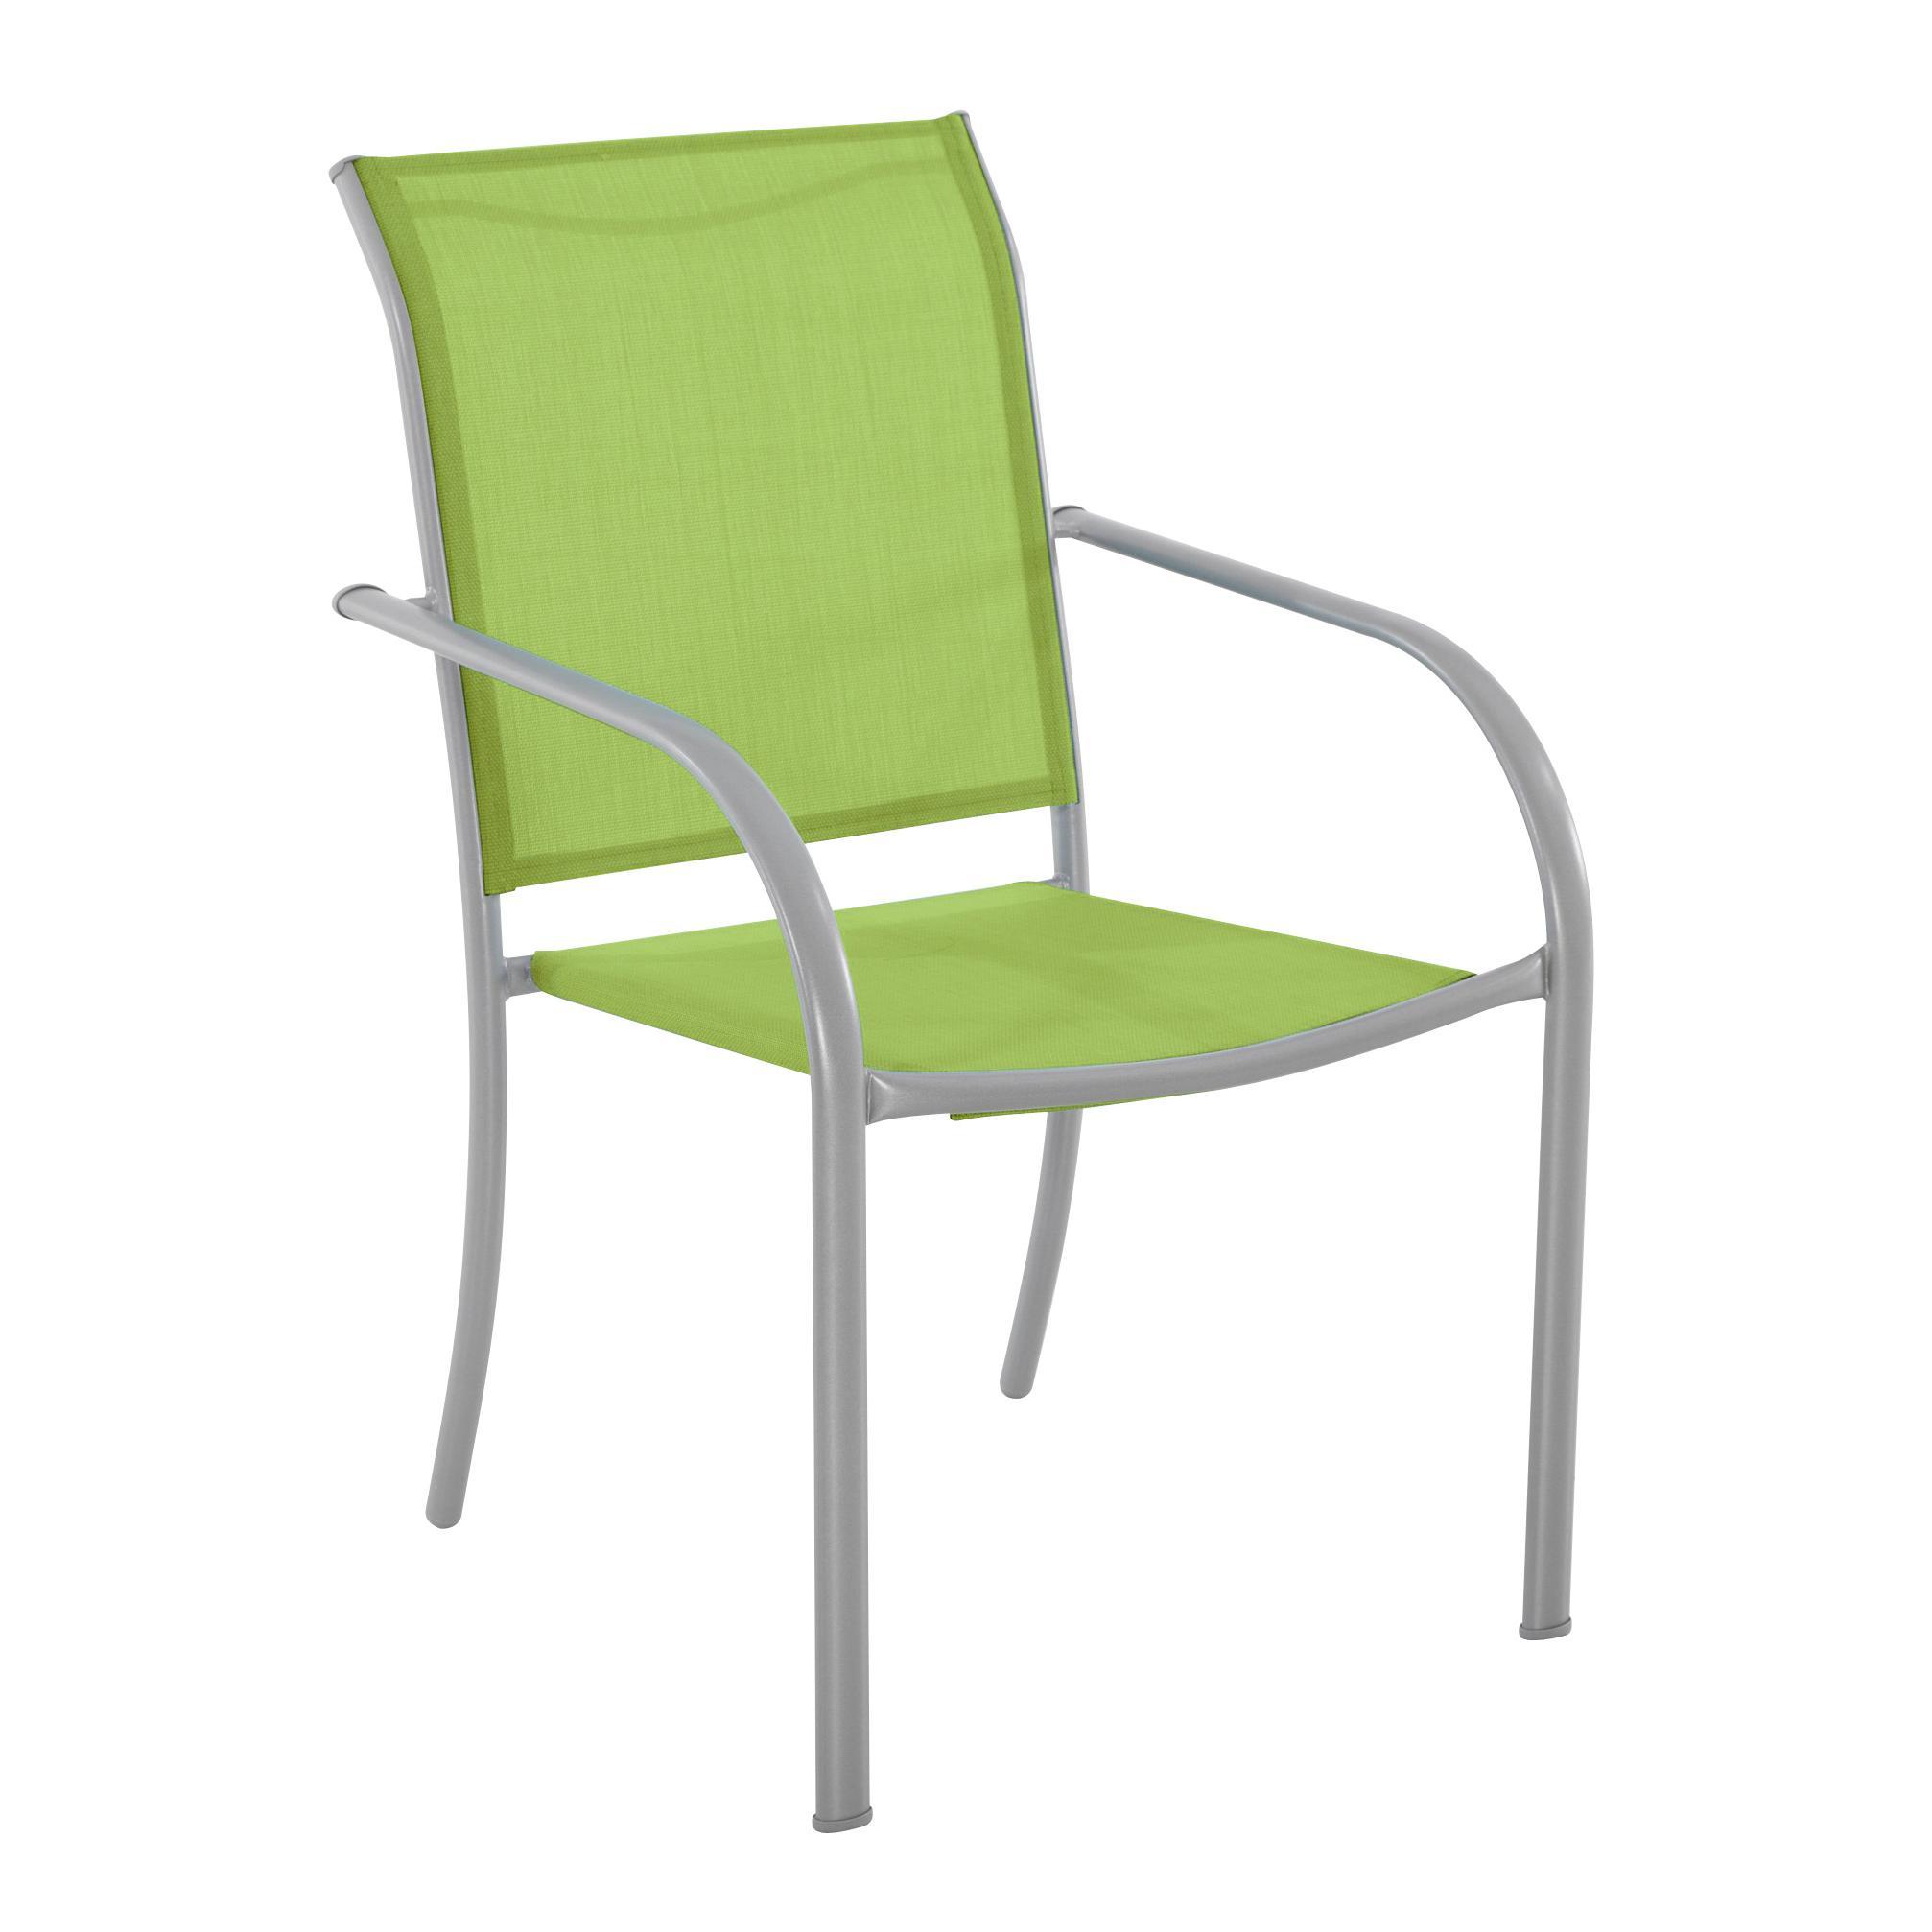 Comprar conjunto mesas y sillas jardin compara precios for Conjunto mesa y sillas jardin oferta